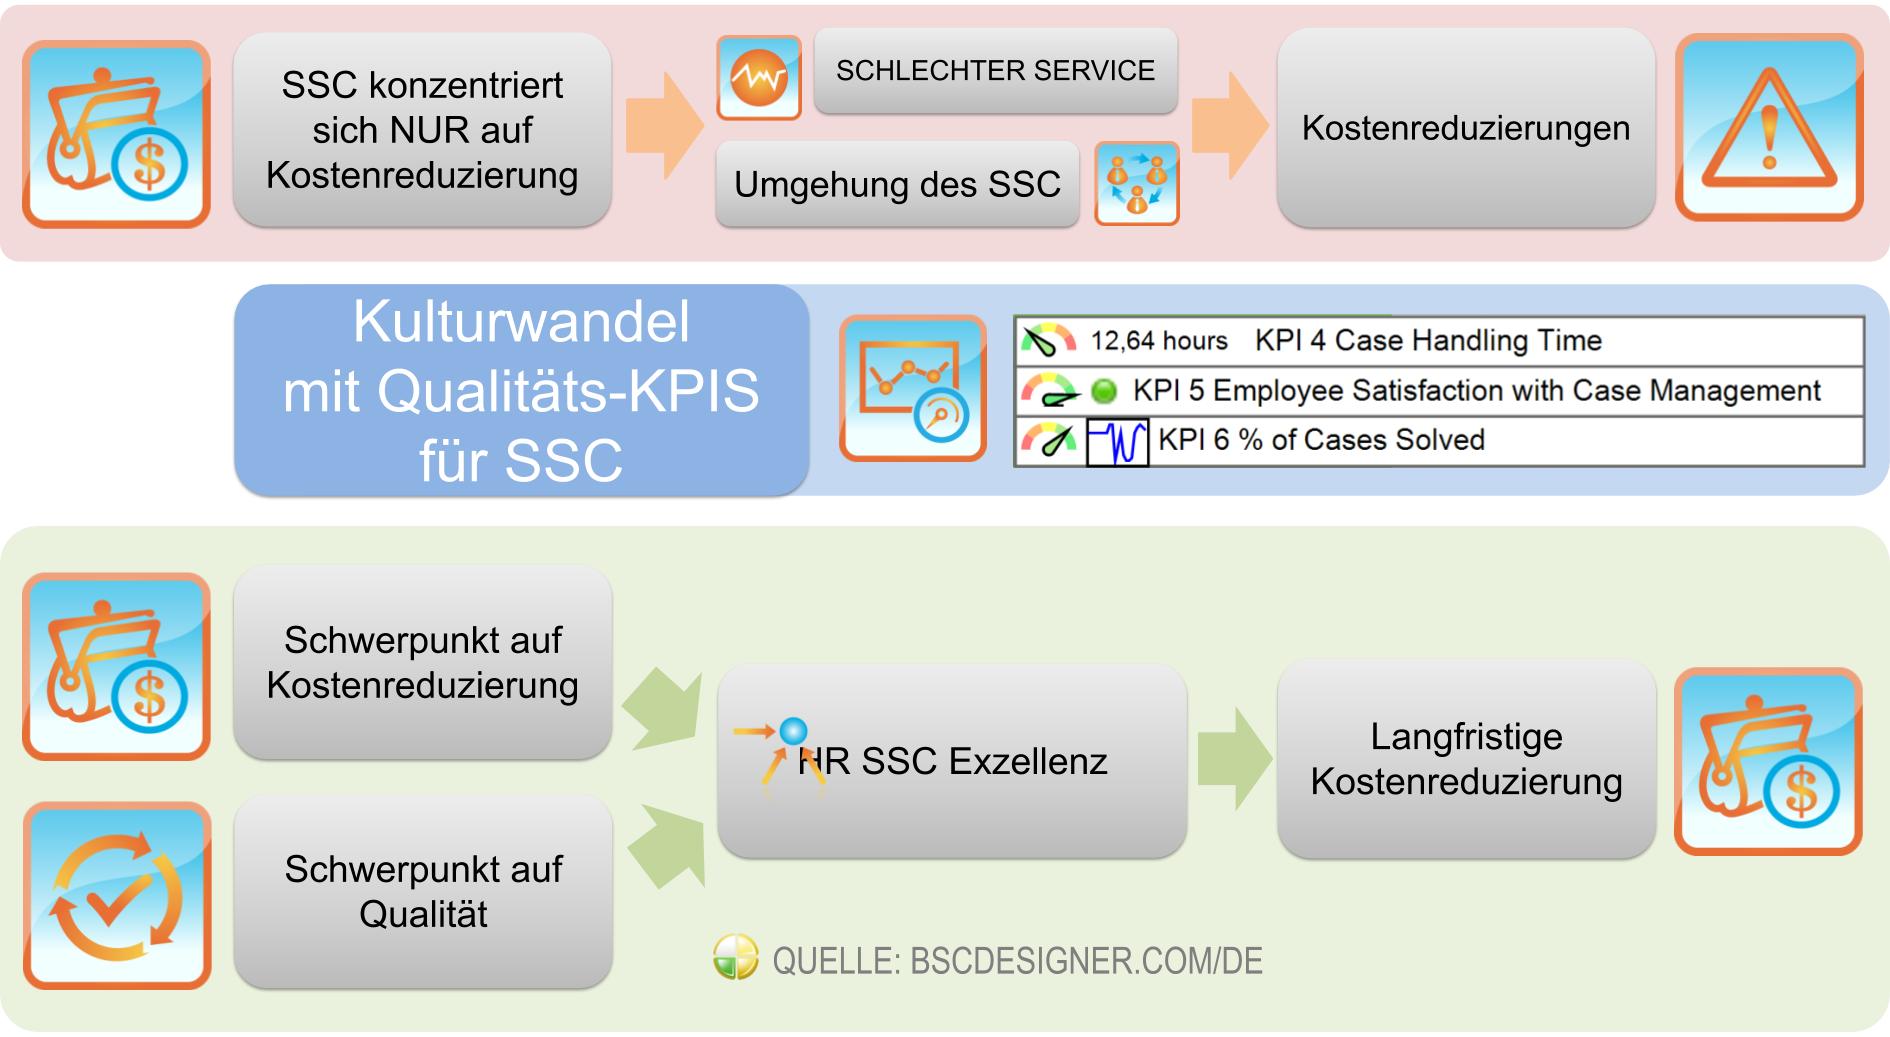 Kulturwandel mit KPIs für HR Shared Services (SSC)